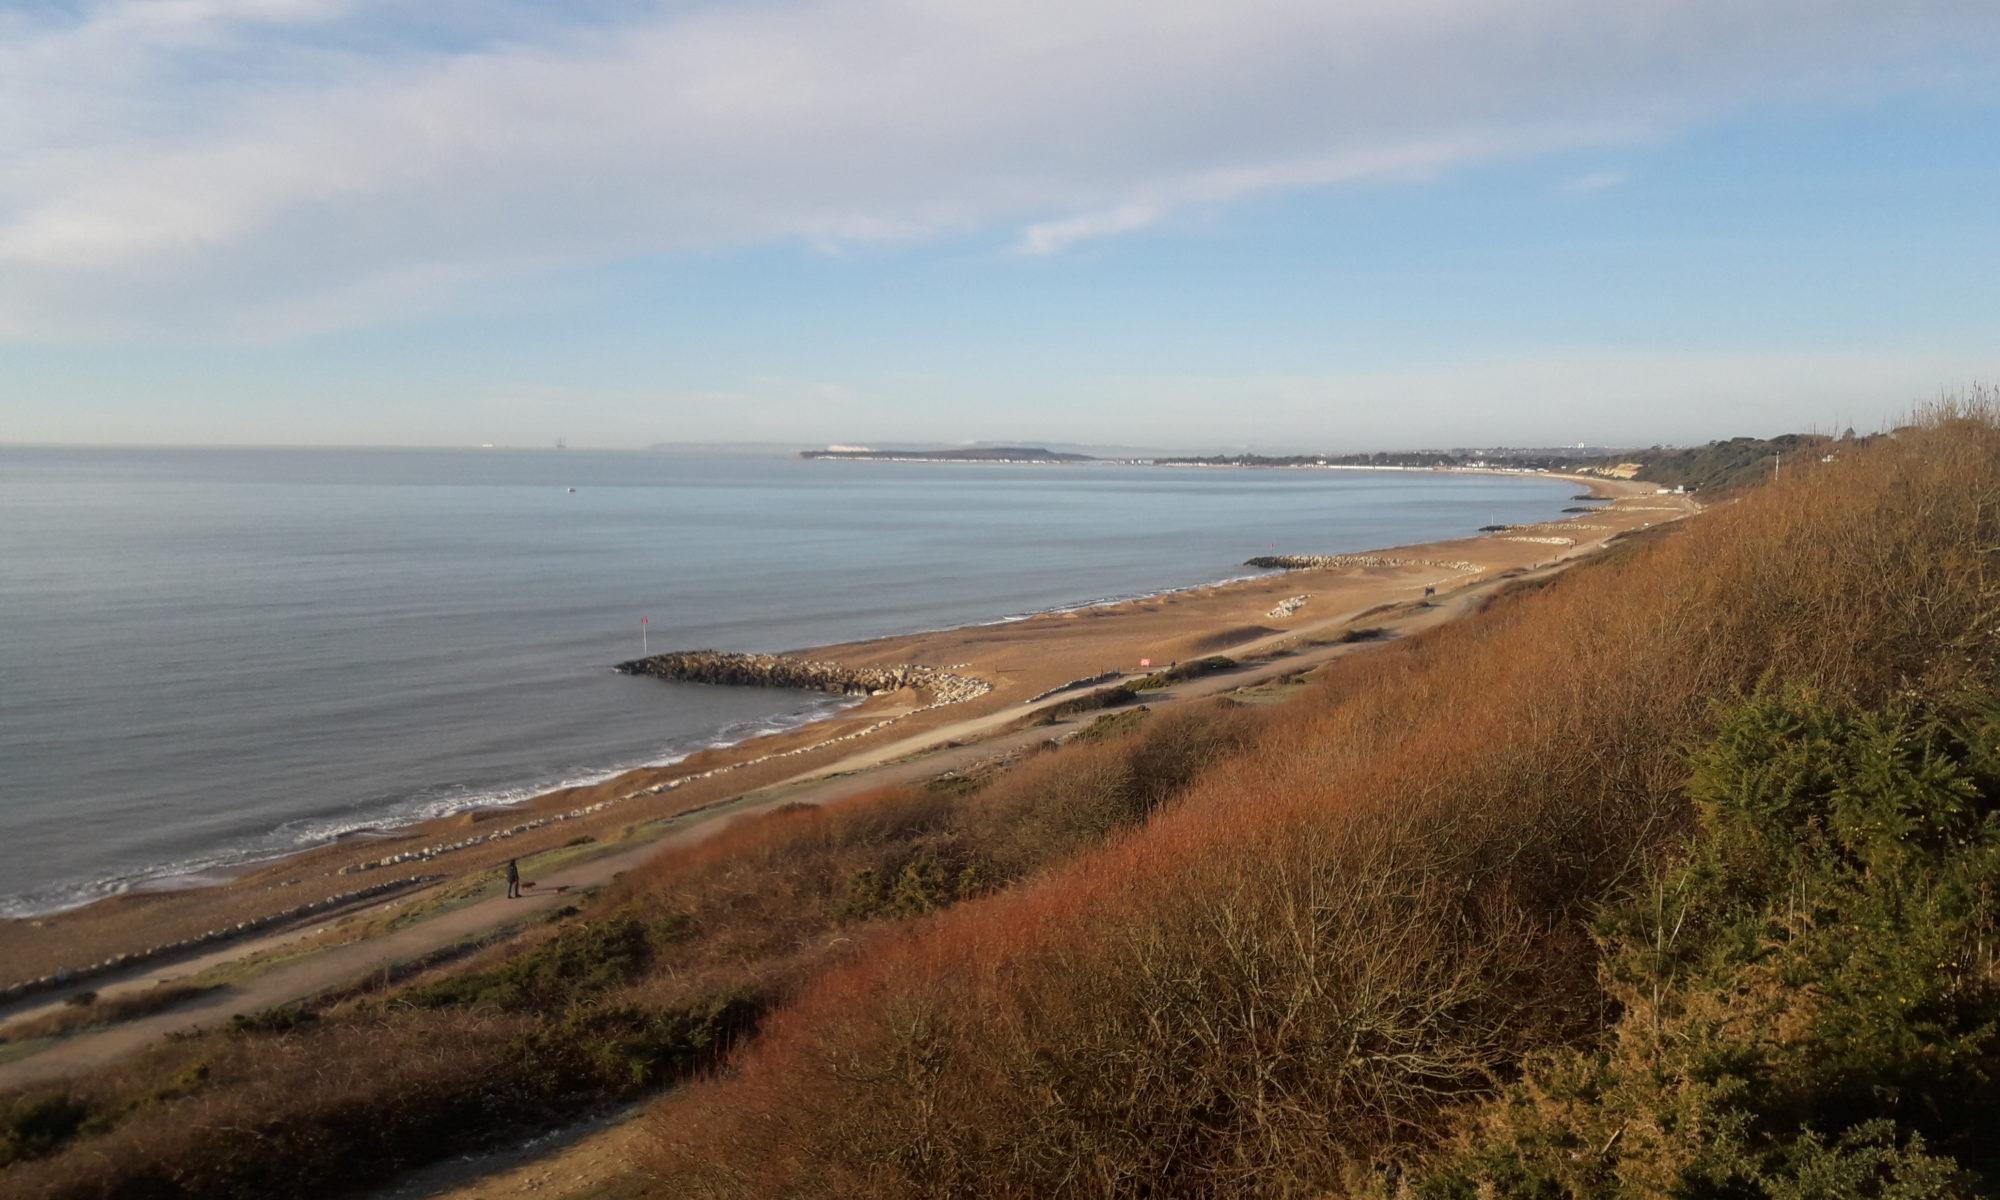 Sea beach and cliffs